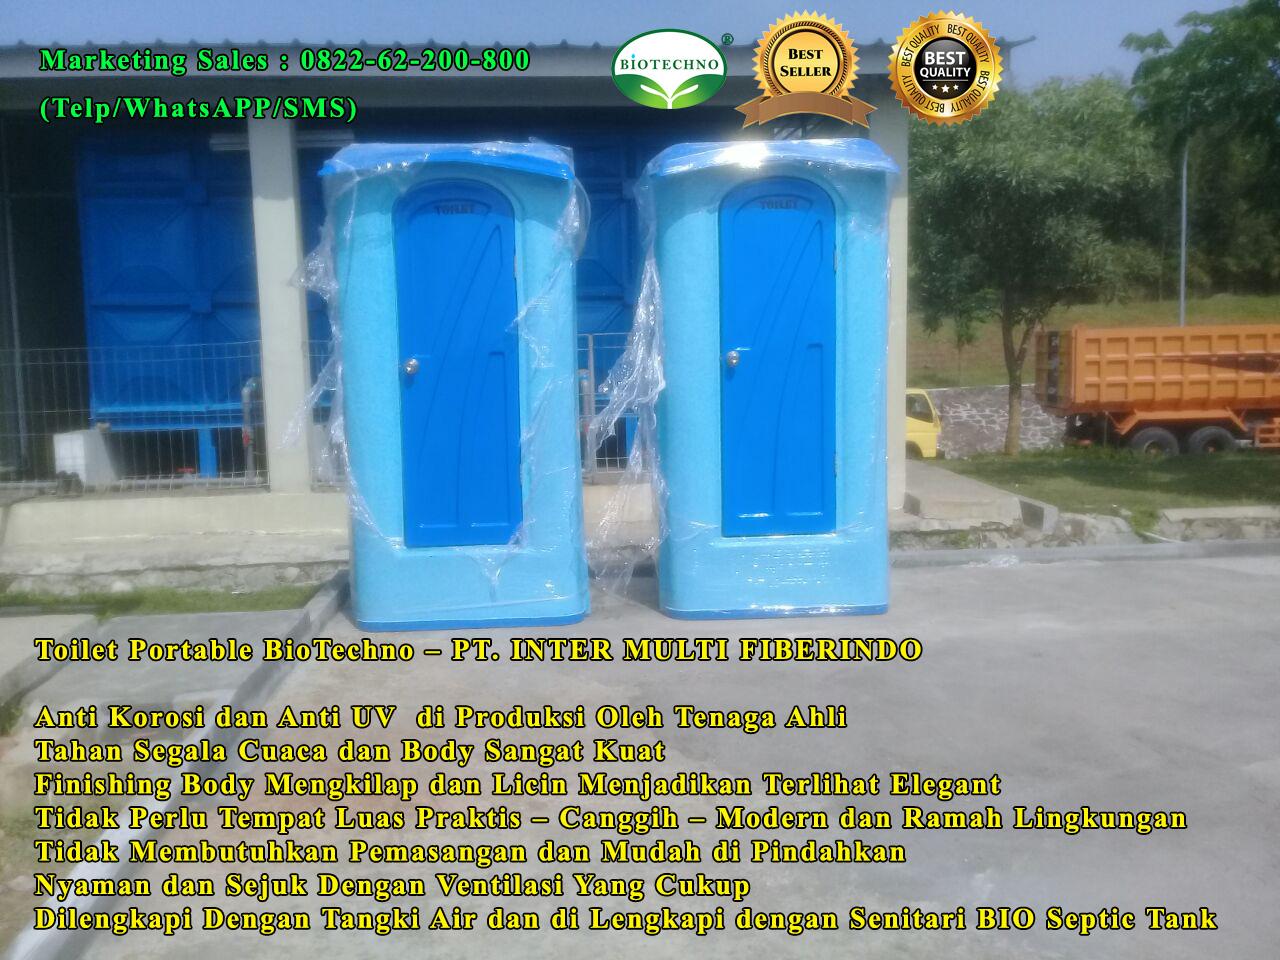 toilet portable toilet portable proyek toilet portable event portable toilet toilet pindah wc umum wc portable sewa toilet portable jual toilet portable sewa toilet portable rental toilet portable Toilet Portable, Jual Toilet Portable, Pabrik Toilet Portable